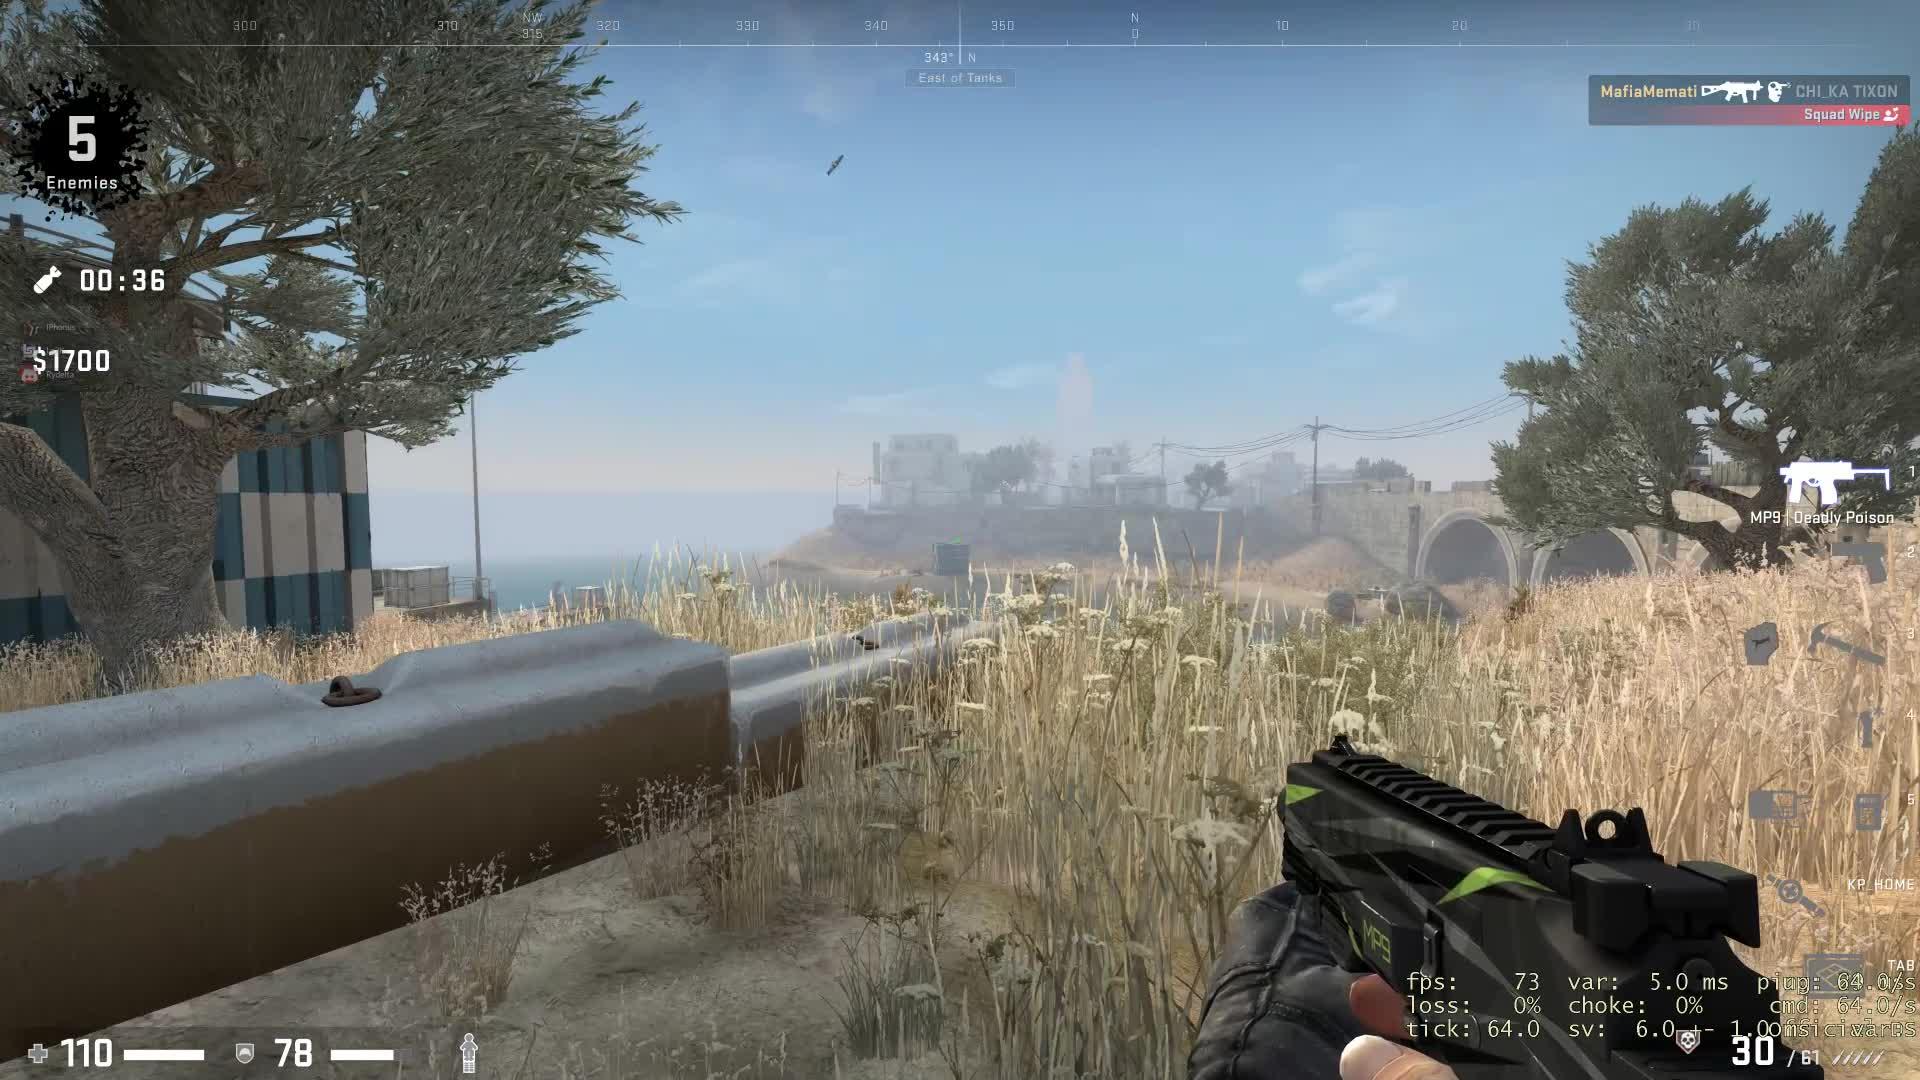 cs:go, csgo, dangerzone, onetap, CS:GO Dangerzone random pistol onetap GIFs